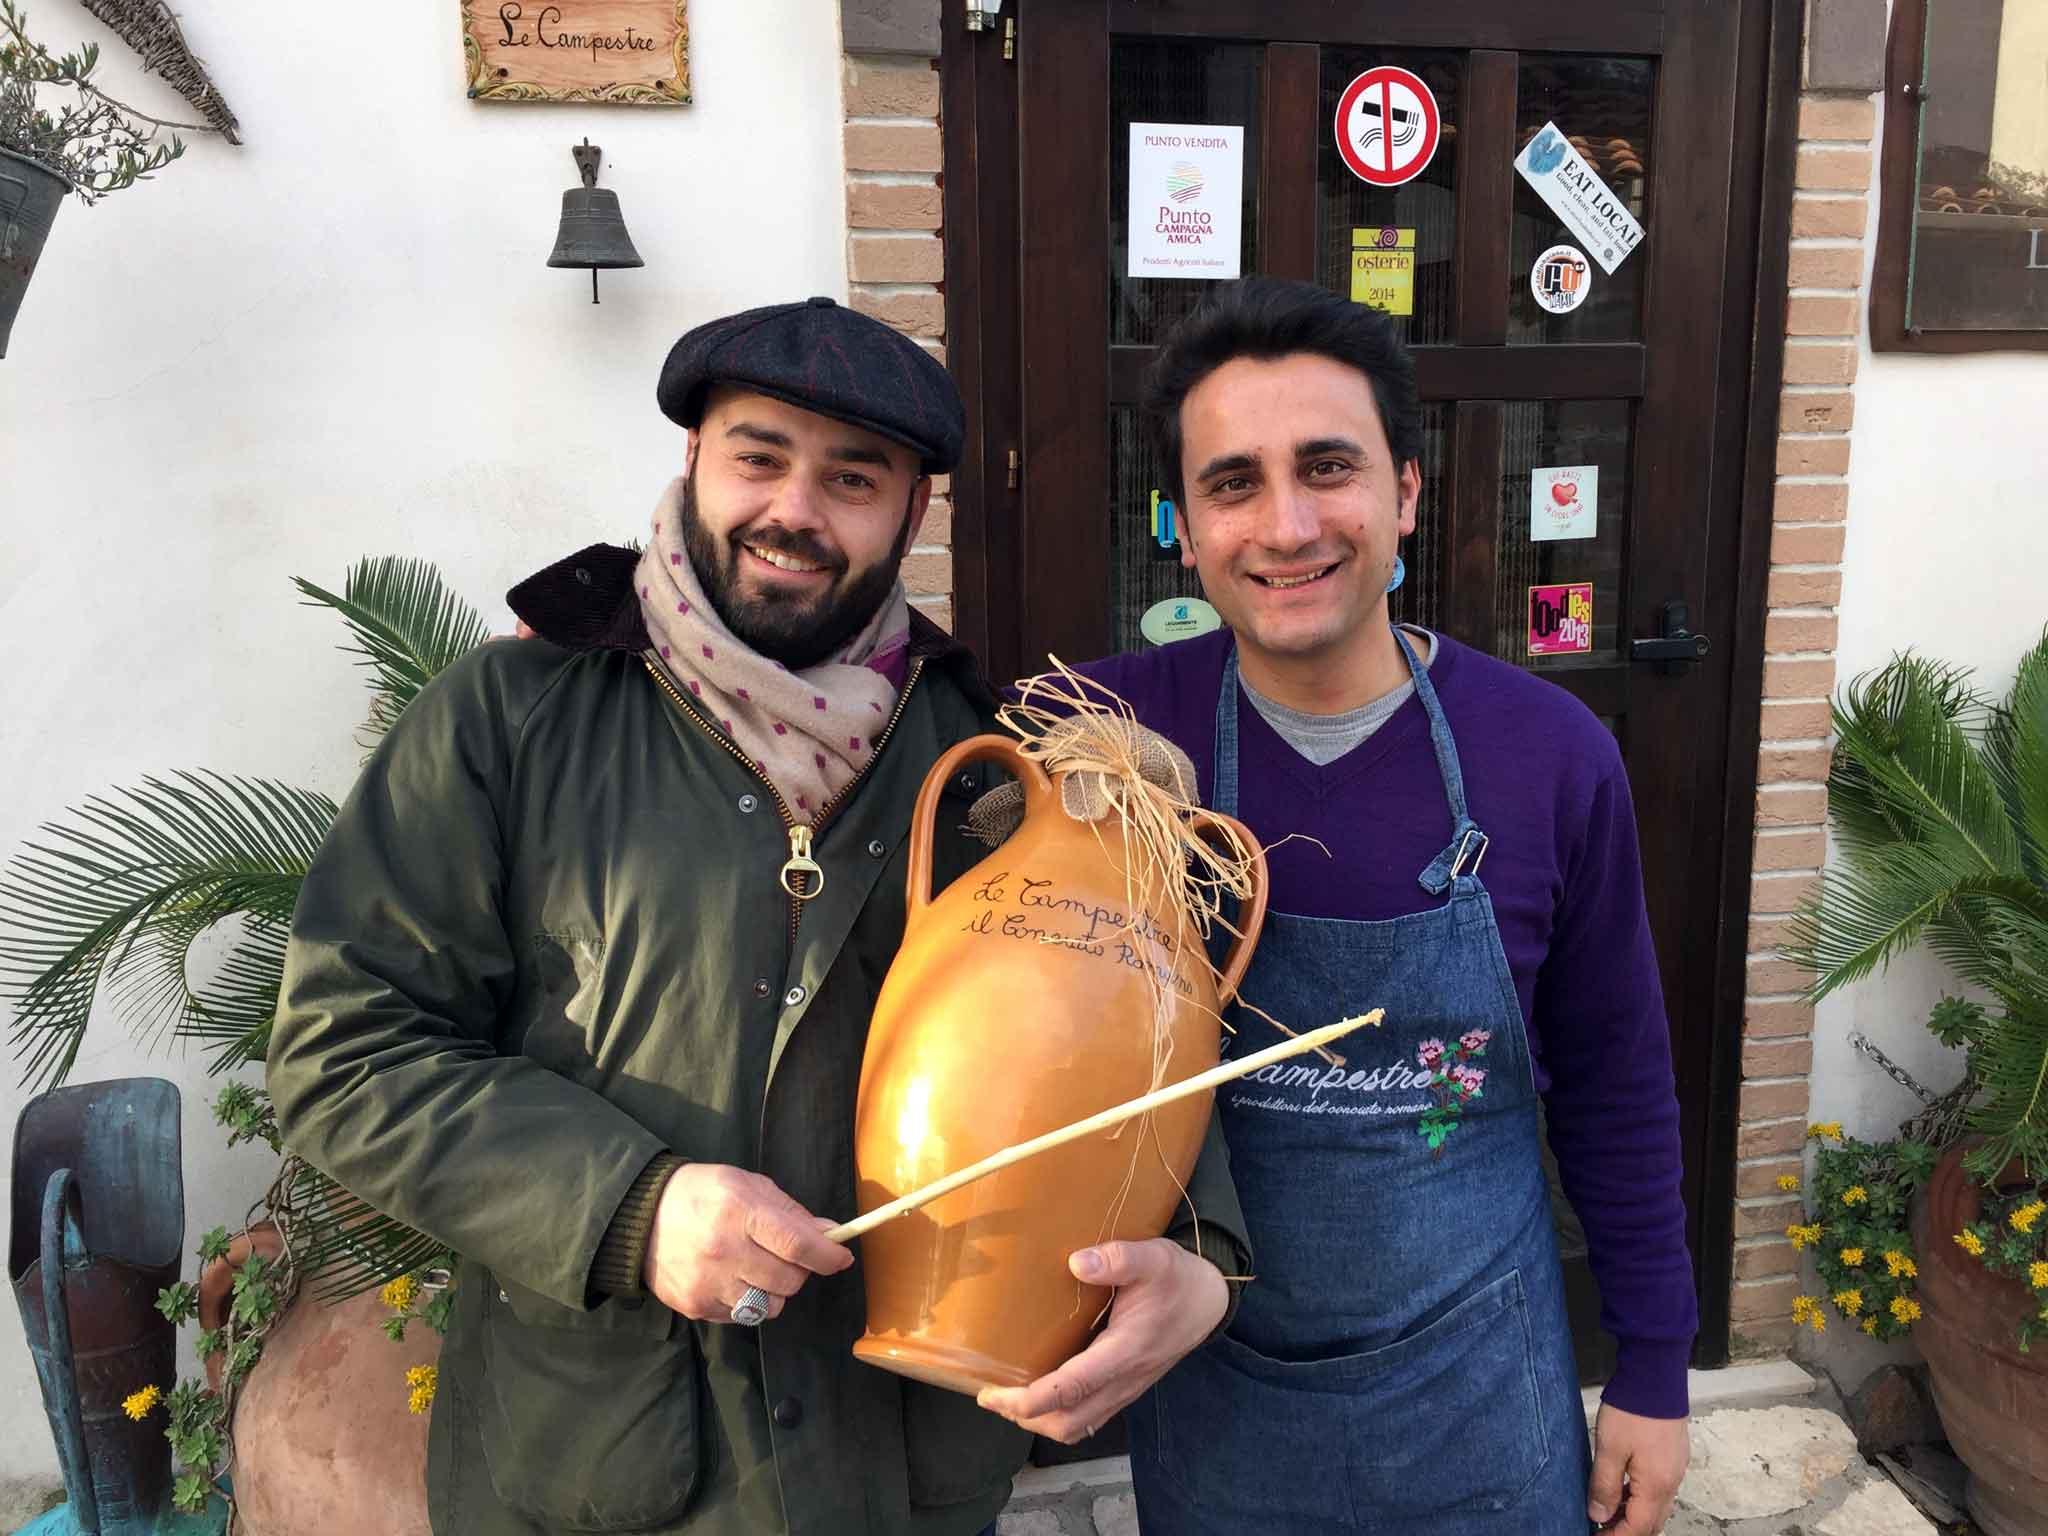 Ciro Arenella e Manuel Lombardi